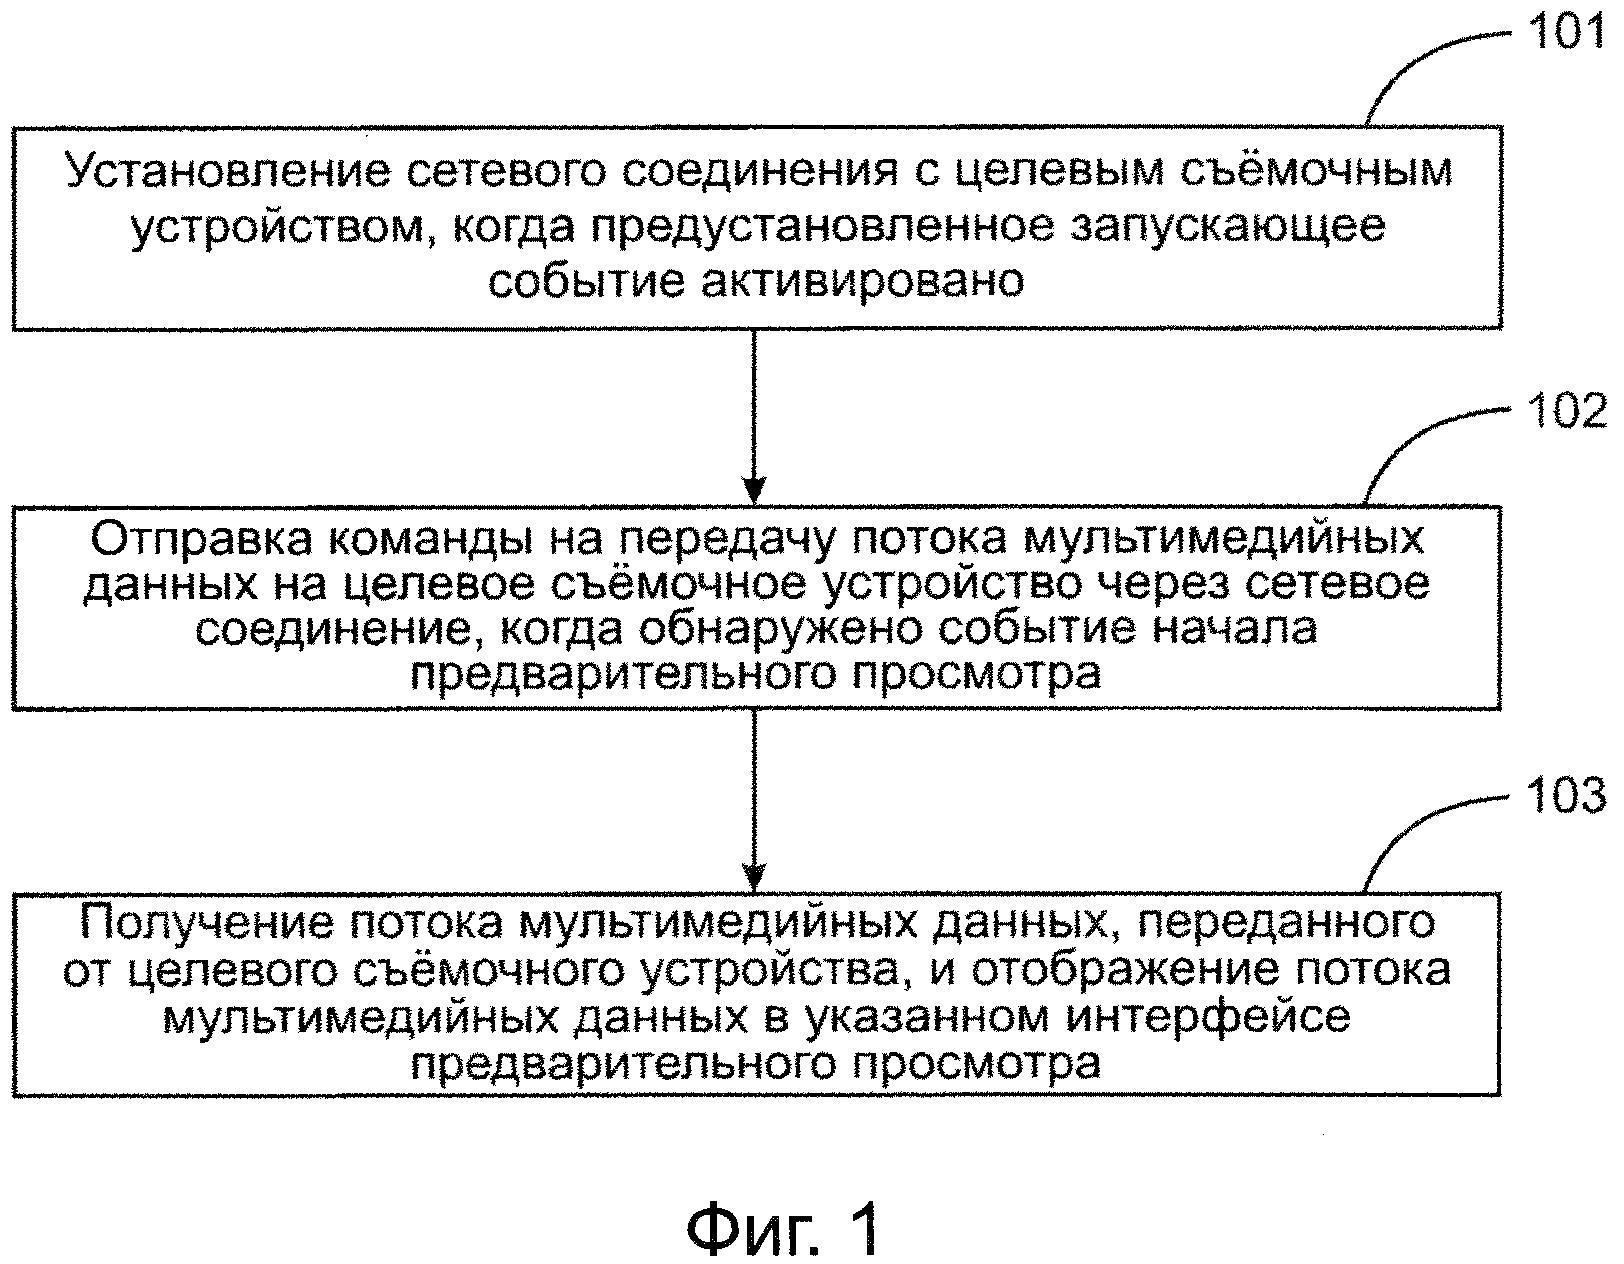 Способ и устройство получения потока мультимедийных данных